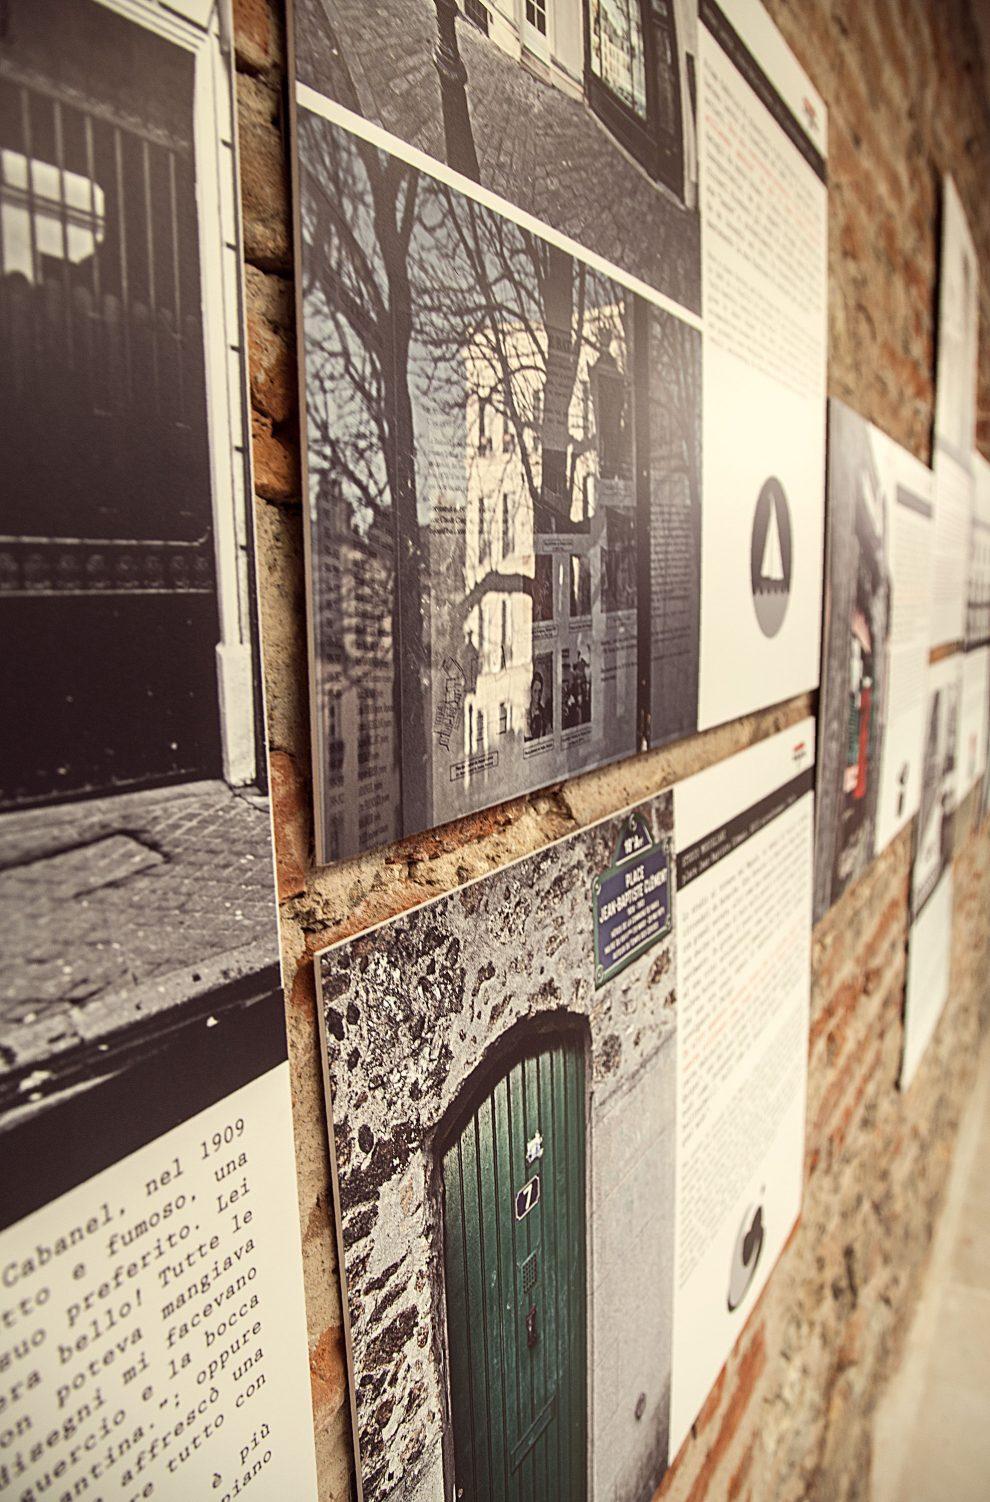 Allestimento della mostra a Palazzo Blu, Pisa (tutte le foto sono di Luca Dal Canto)